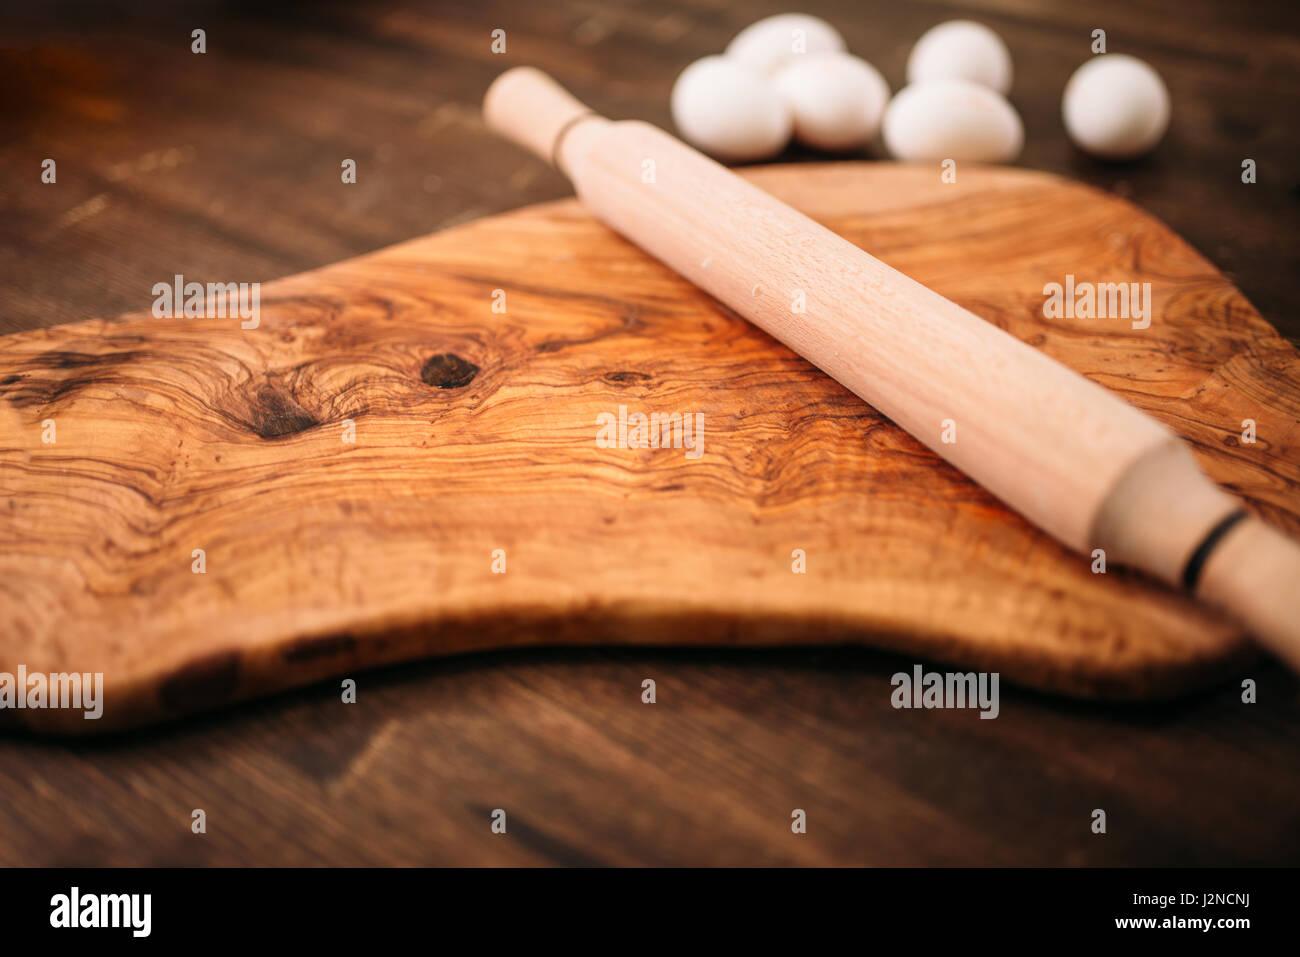 Tagliere Mattarello E Uova Su Sfondo Di Legno Closeup Vista Cibo